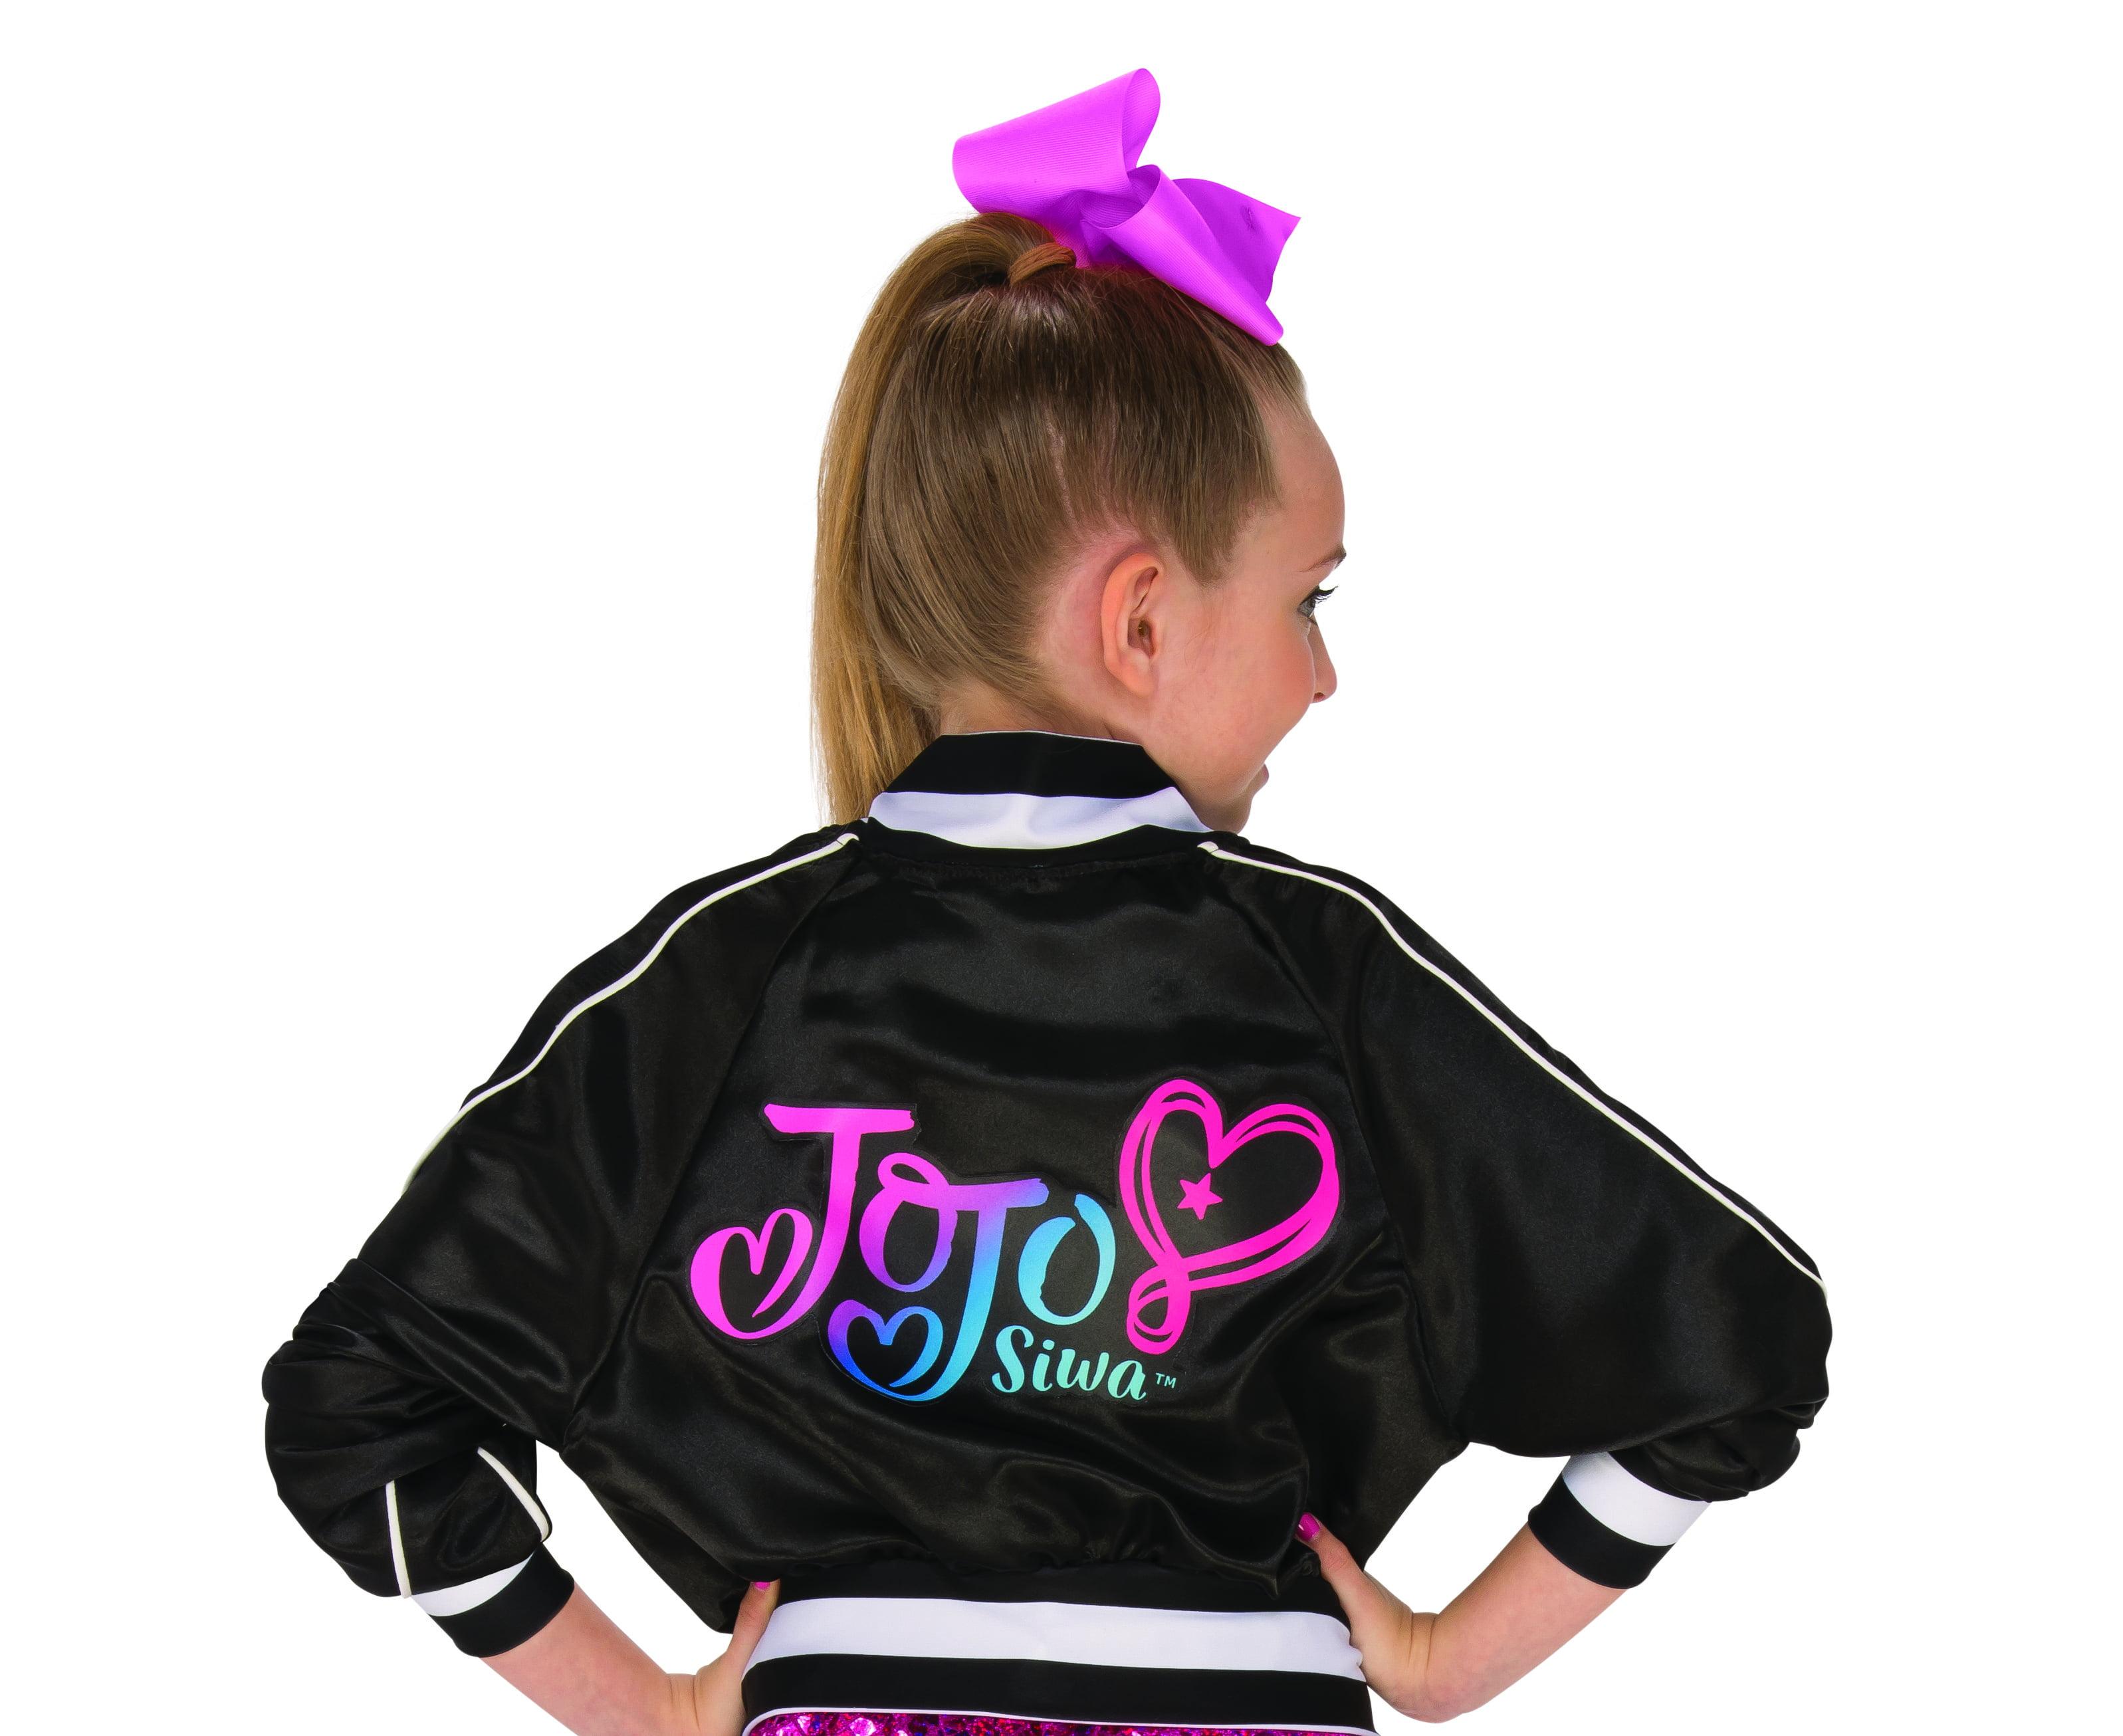 751d5a6e98e7b Rubies Costume Company Jojo Siwa Bomber Jacket and Bow Set Costume -  Walmart.com